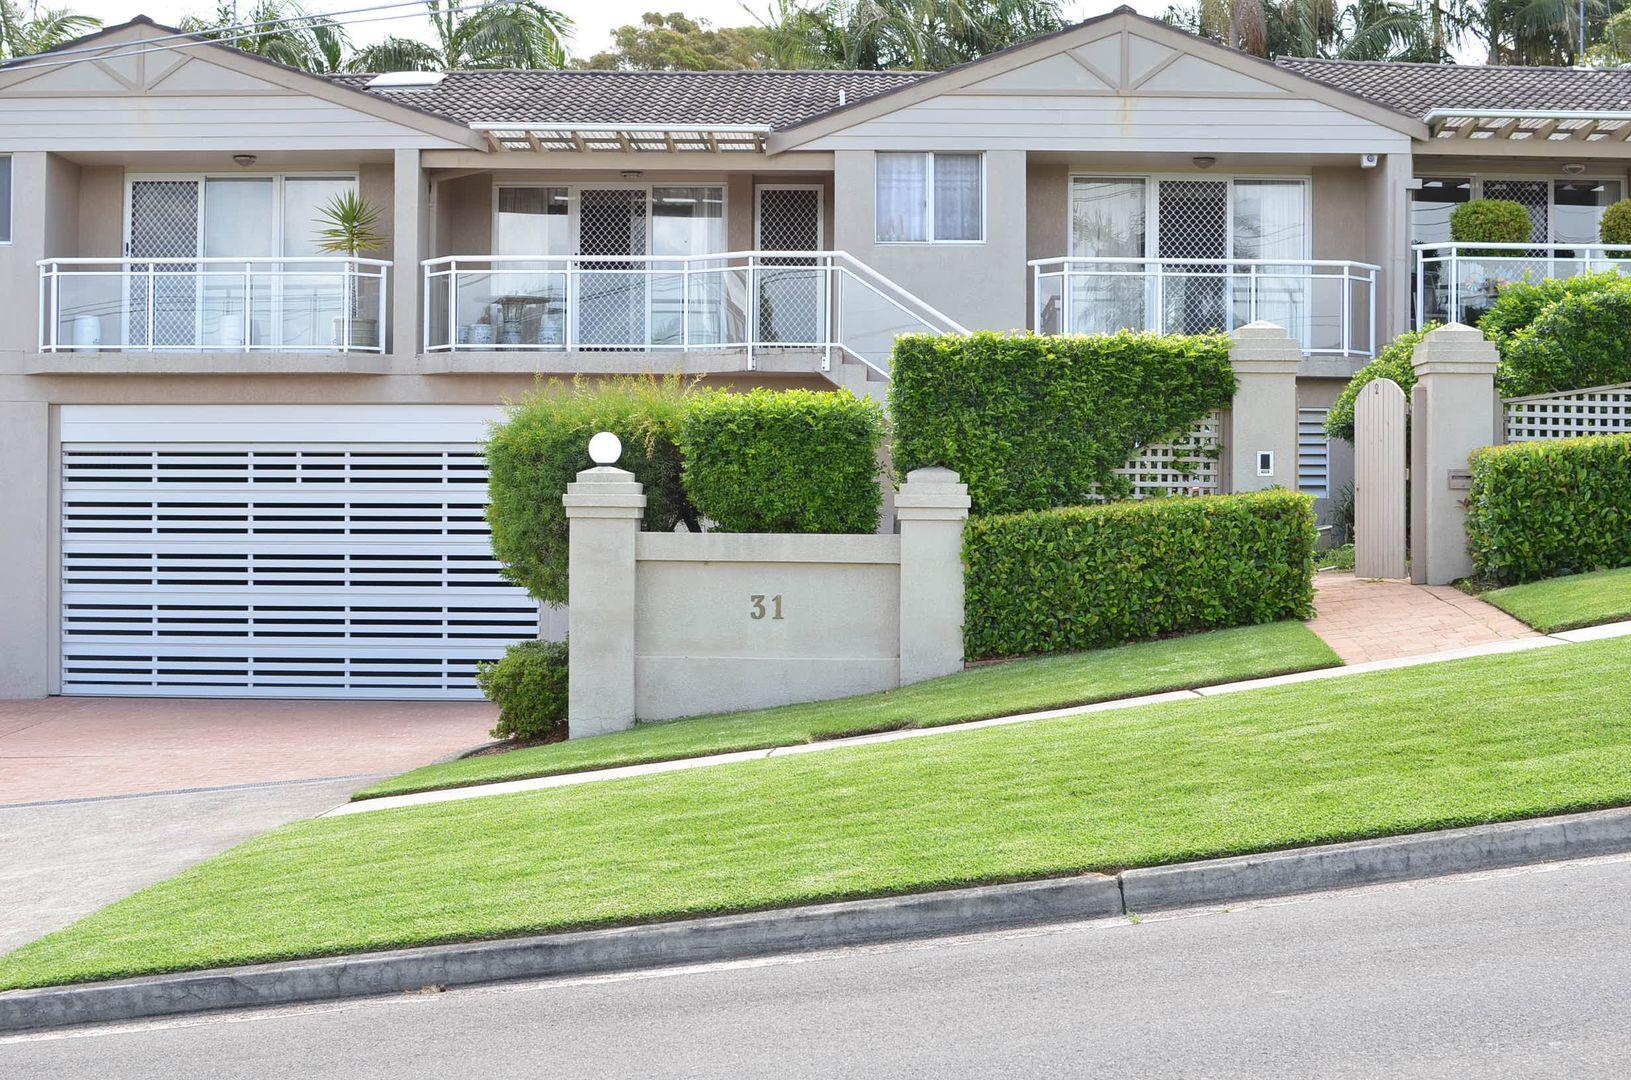 31 Sylvania Rd, Sylvania NSW 2224, Image 0